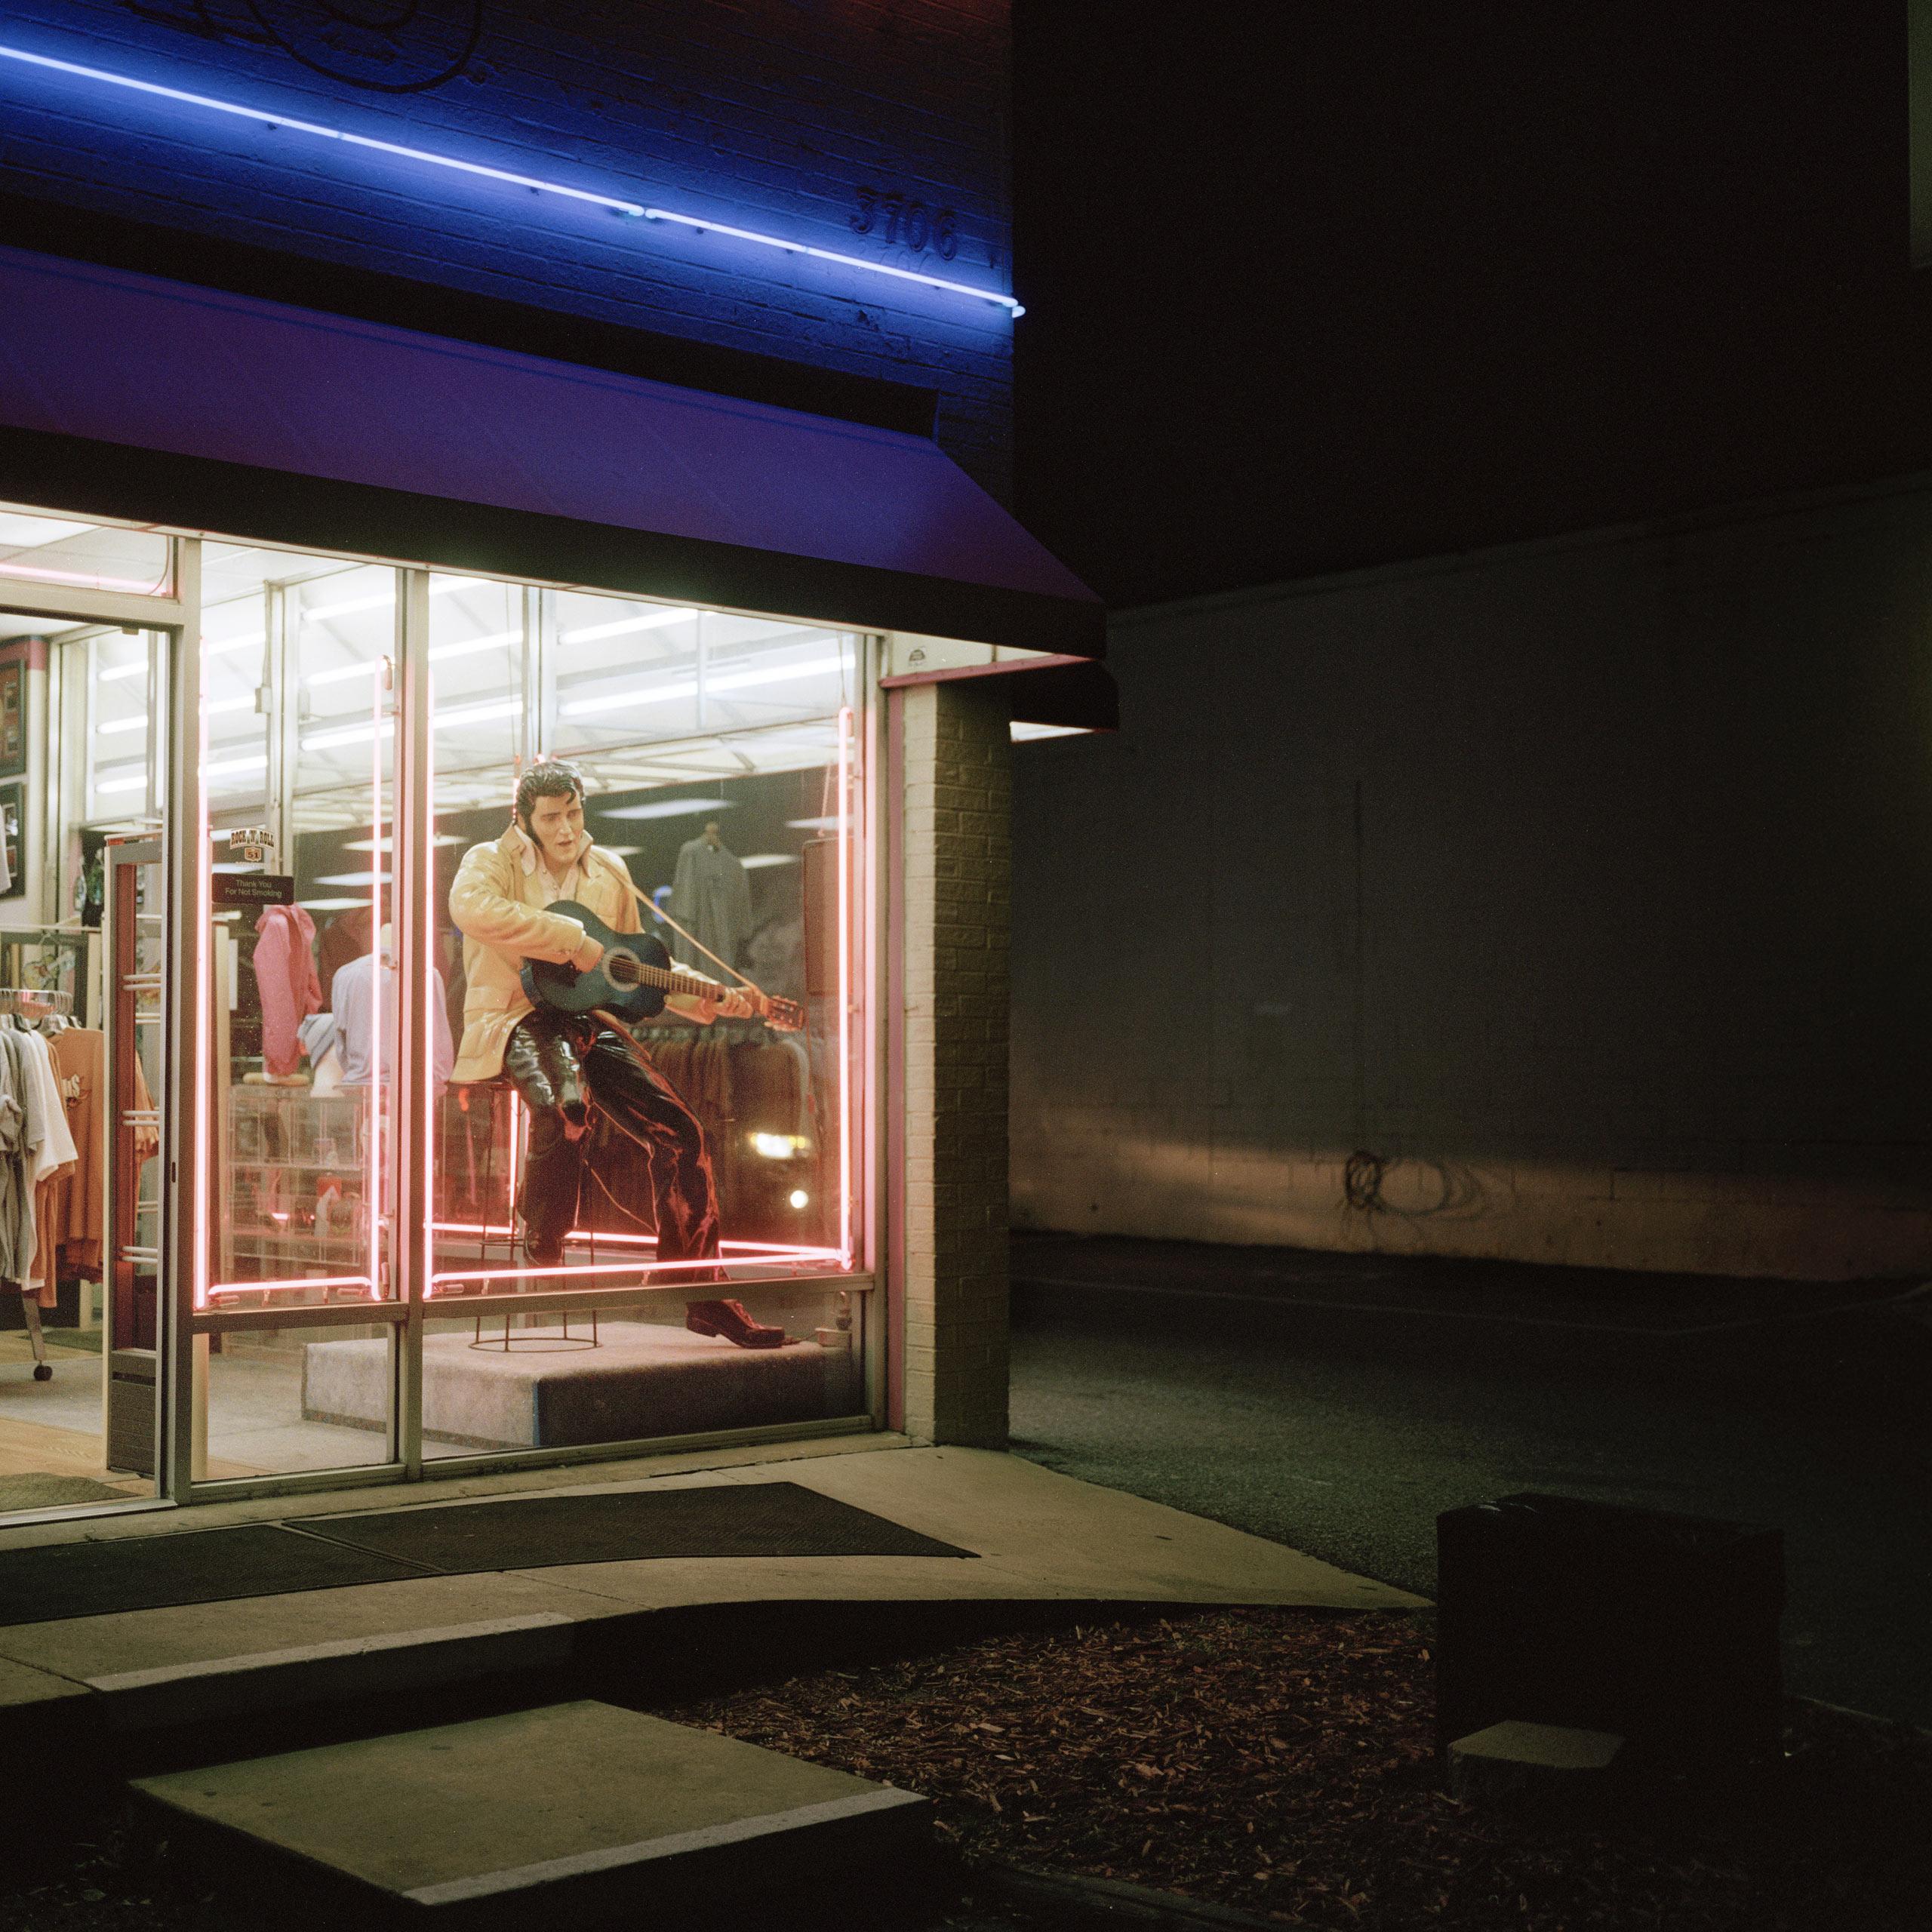 Souvenir shop, Elvis Presley Boulevard, Memphis, 2014.